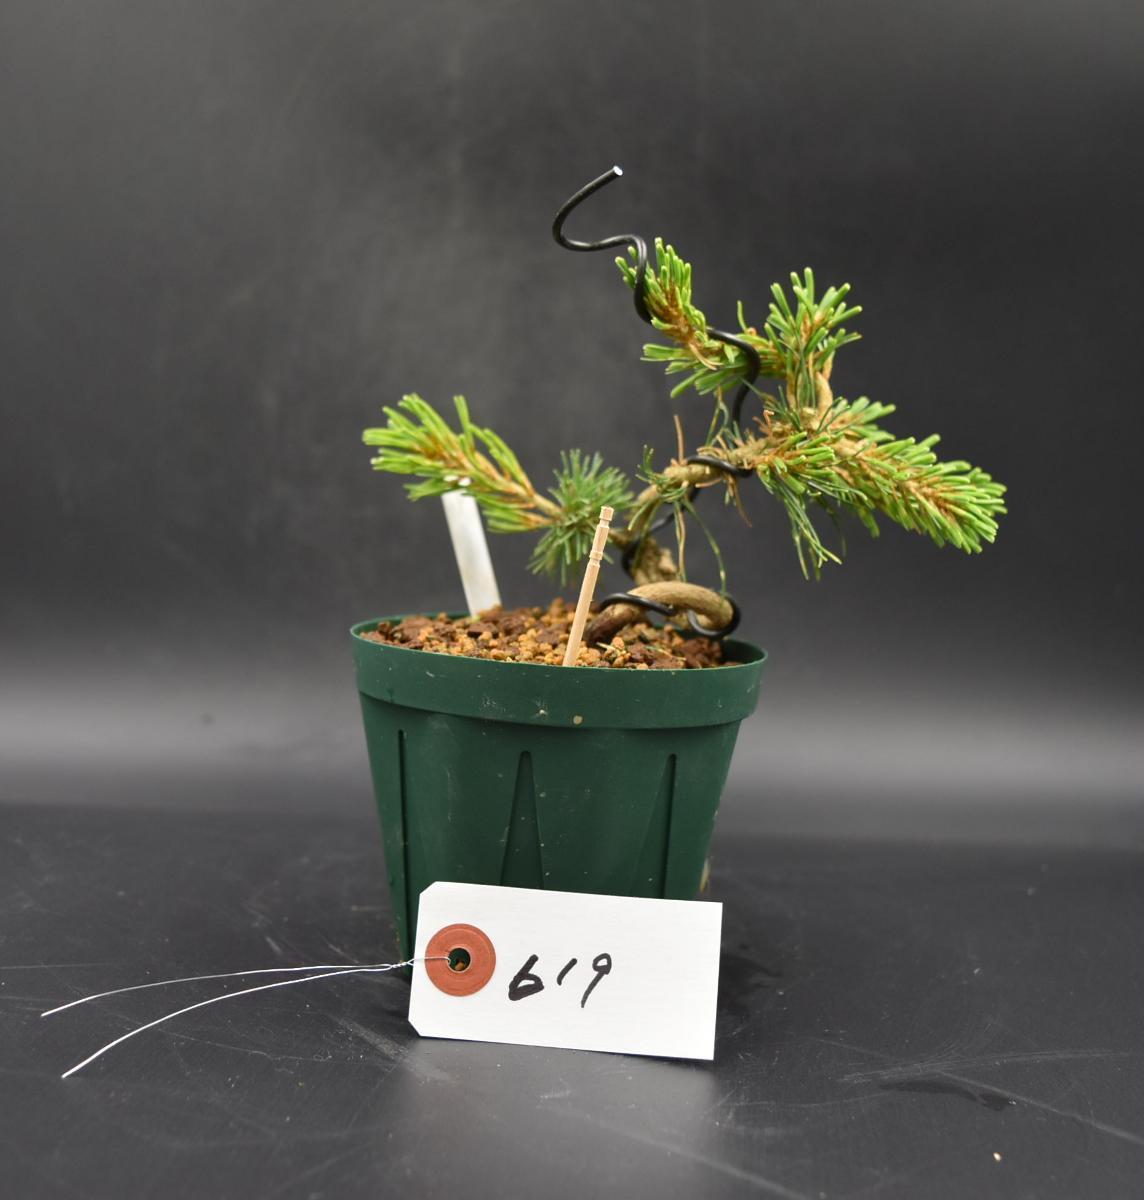 斑入り五葉松 【花火】 ミニ盆栽素材 数量物 樹形色々 樹高9cm #619_画像6